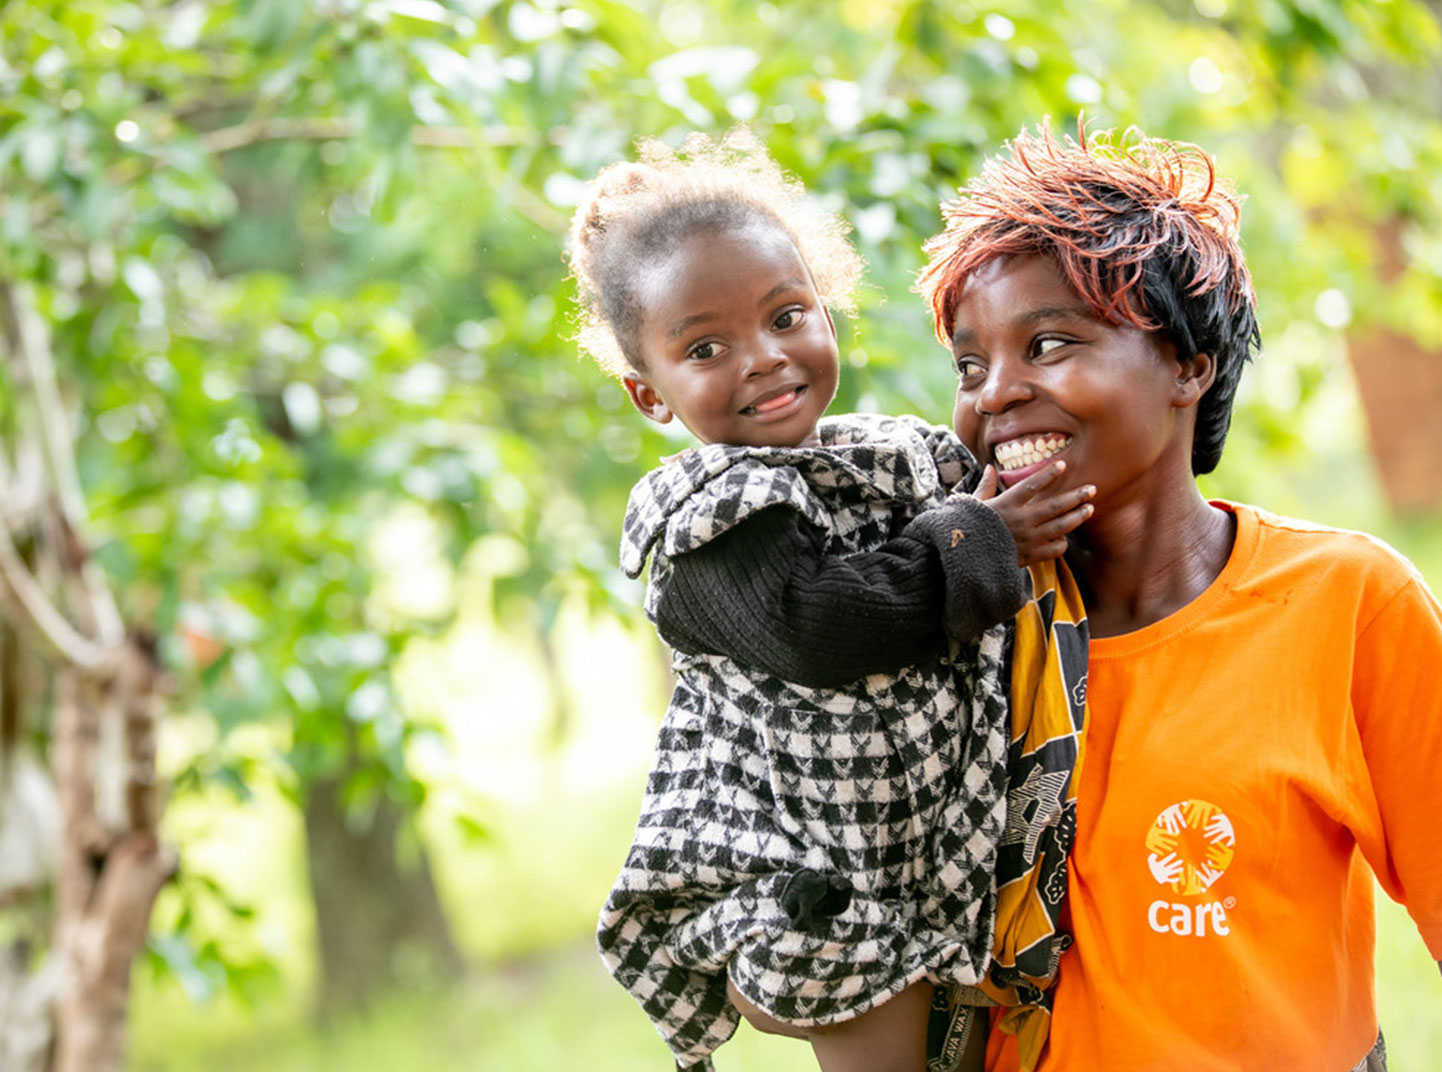 Um funcionário da CARE vestindo uma camisa laranja brilhante da CARE sorri enquanto segura uma garota usando um vestido xadrez preto e branco.